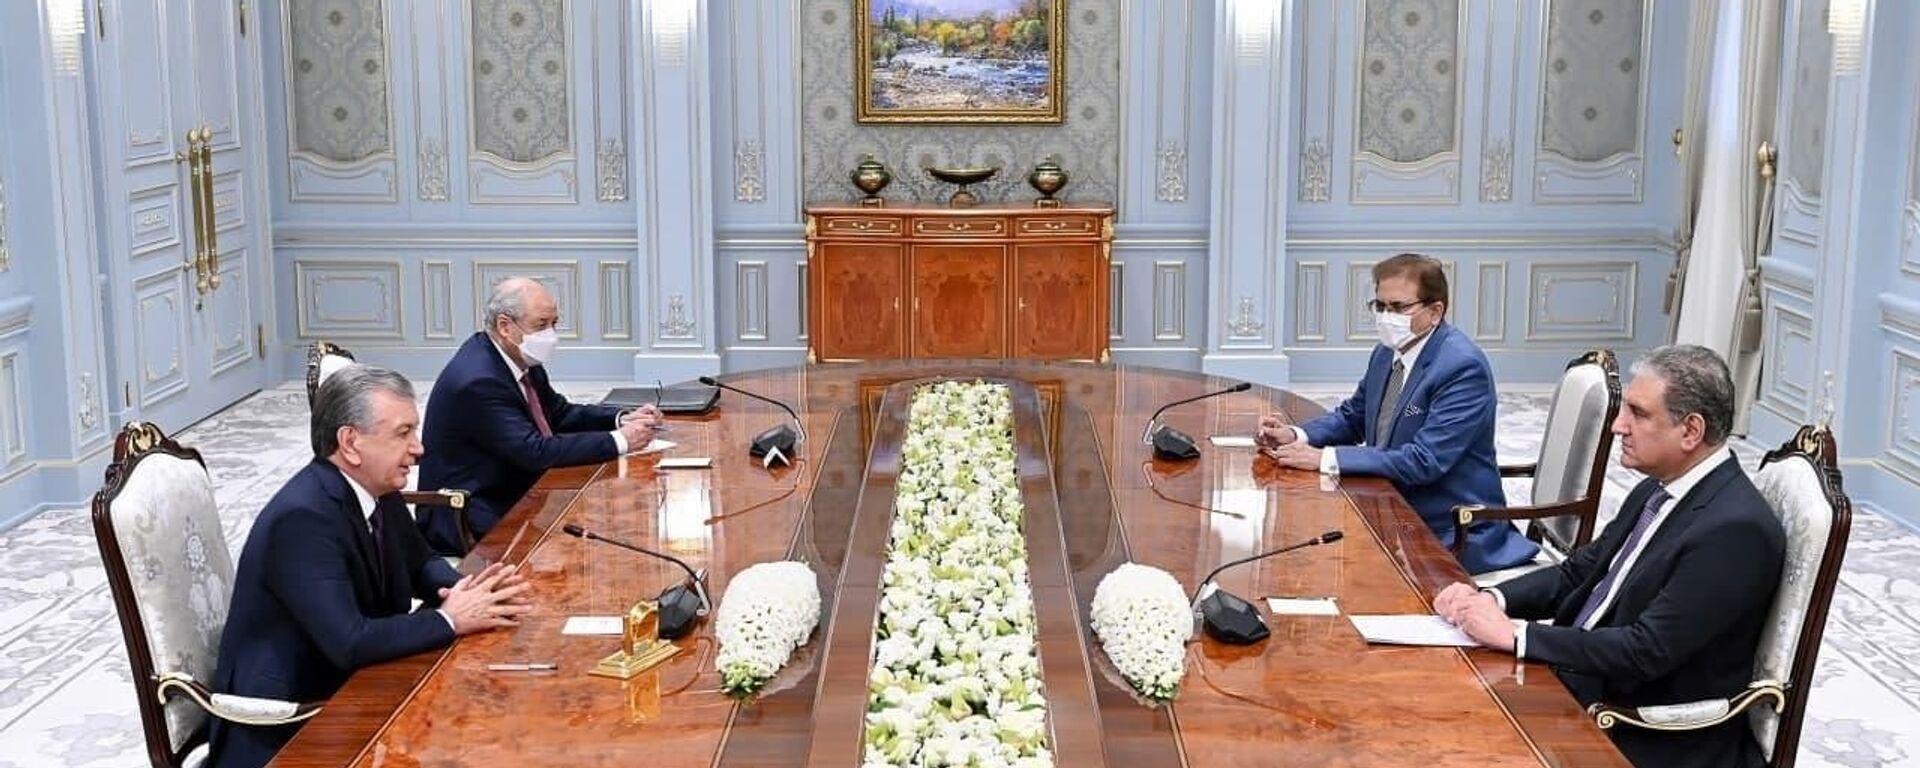 Глава МИД Пакистана приехал в Ташкент чтобы обсудить ситуацию в Афганистане - Sputnik Узбекистан, 1920, 25.08.2021